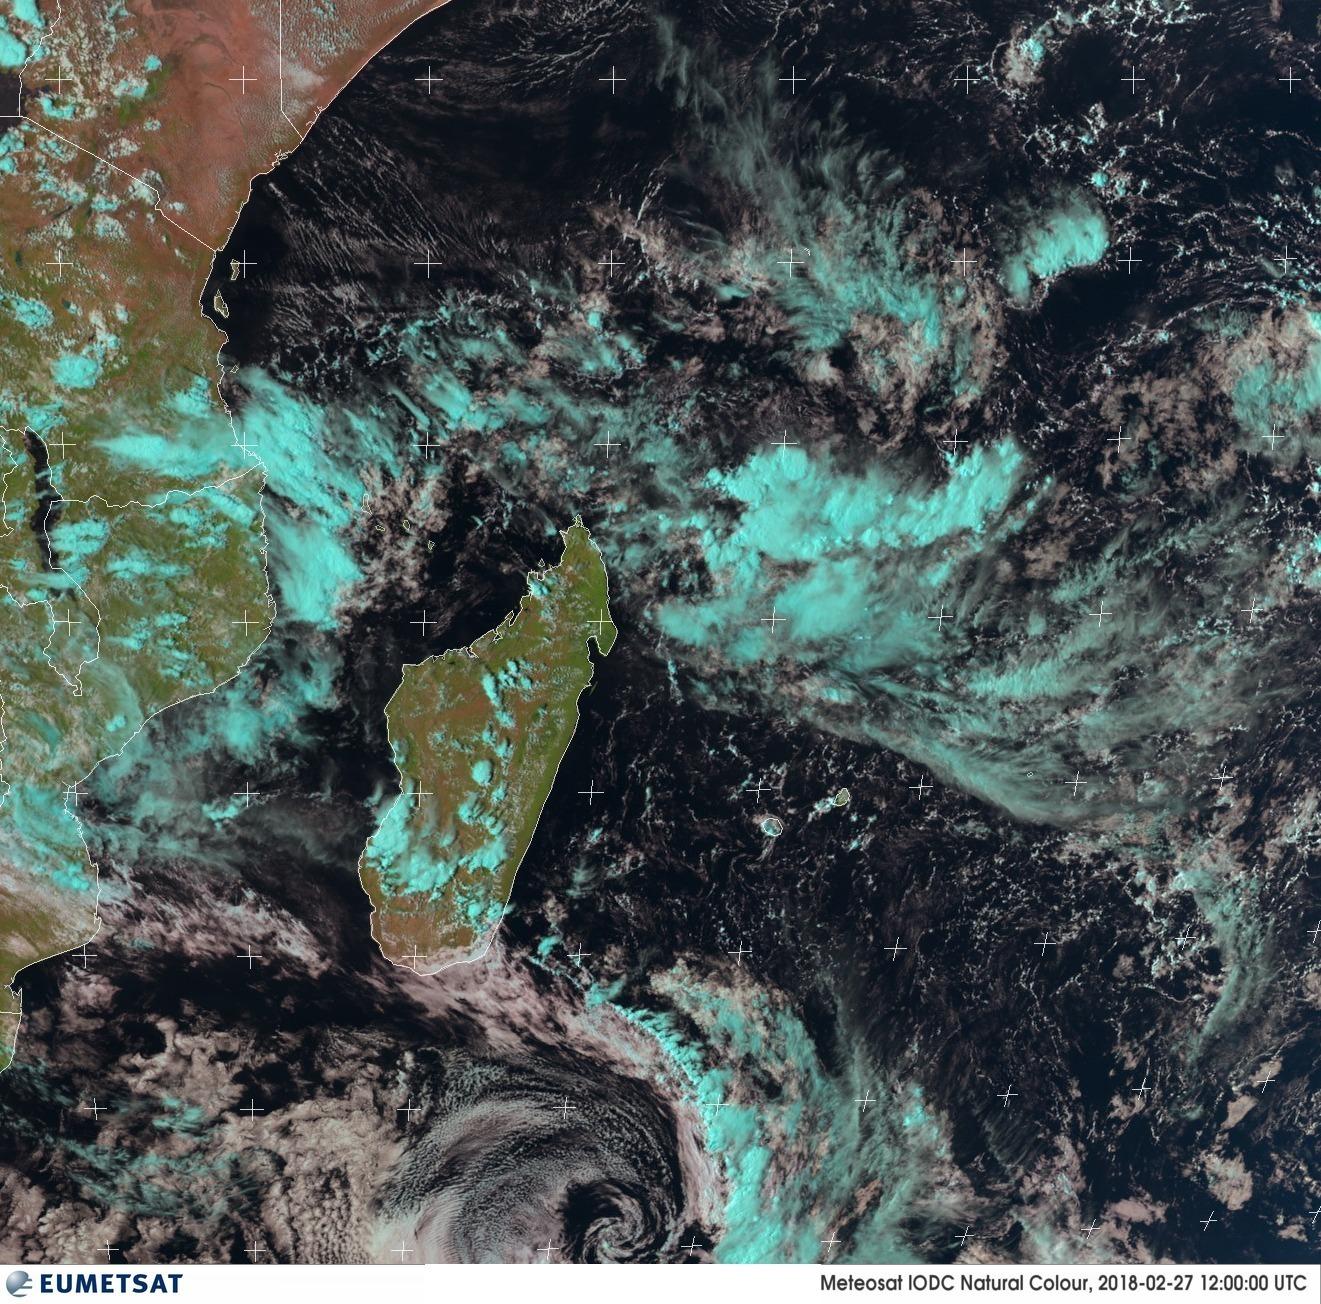 Image du sud-ouest de l'océan indien du 27/02/2018 à 12z ©eumetsat